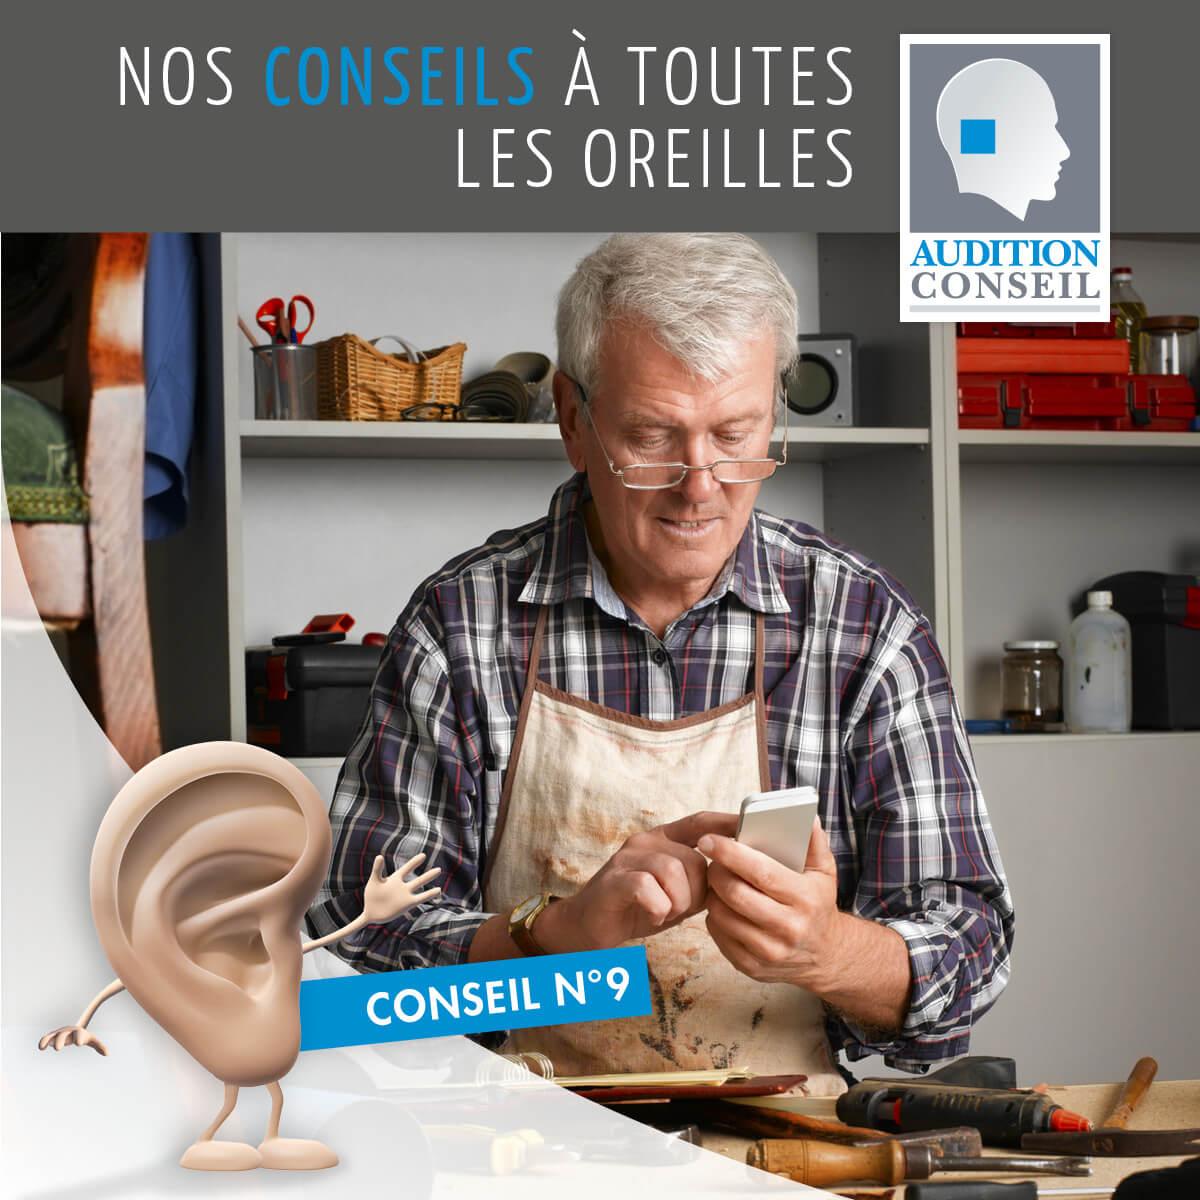 Conseils_a_toutes_les_oreilles_9